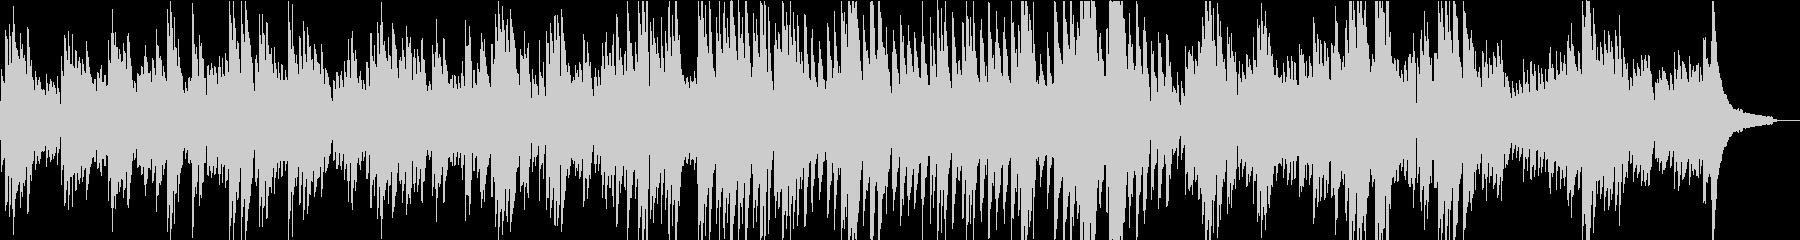 初夏のセンチメンタルなピアノインスト曲の未再生の波形